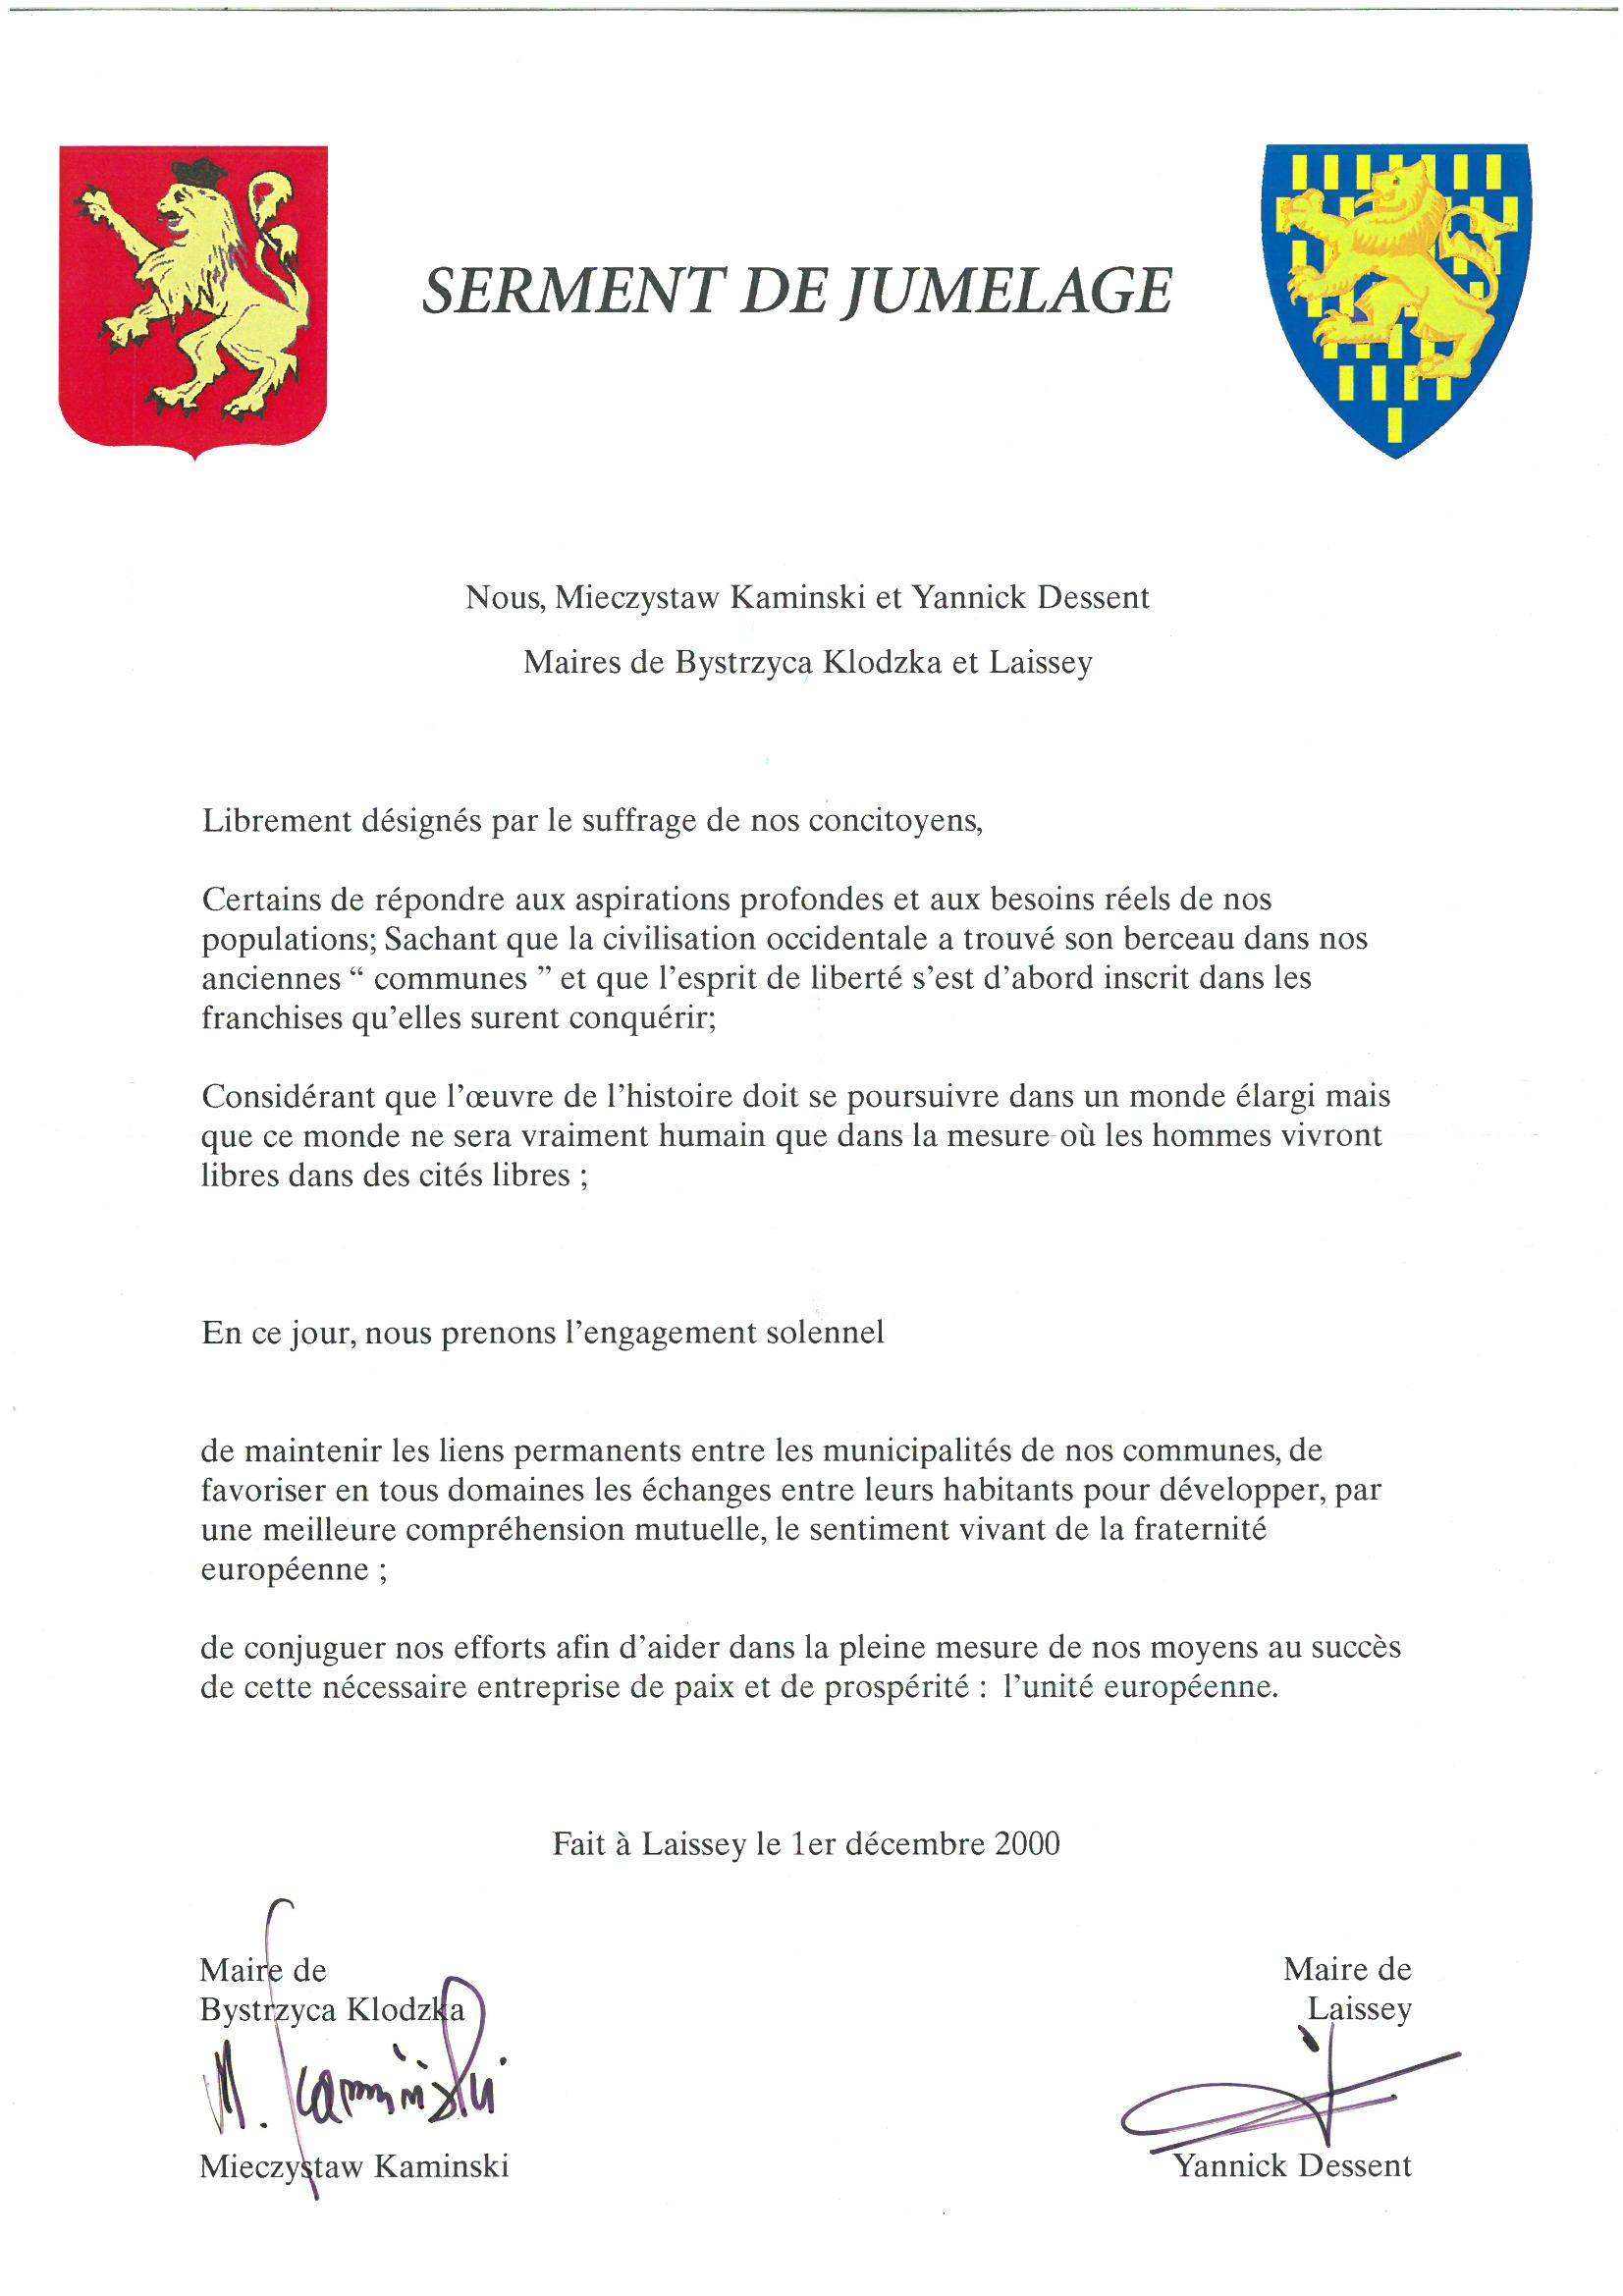 serment-de-jumelage-laissey-village-polonais-2000